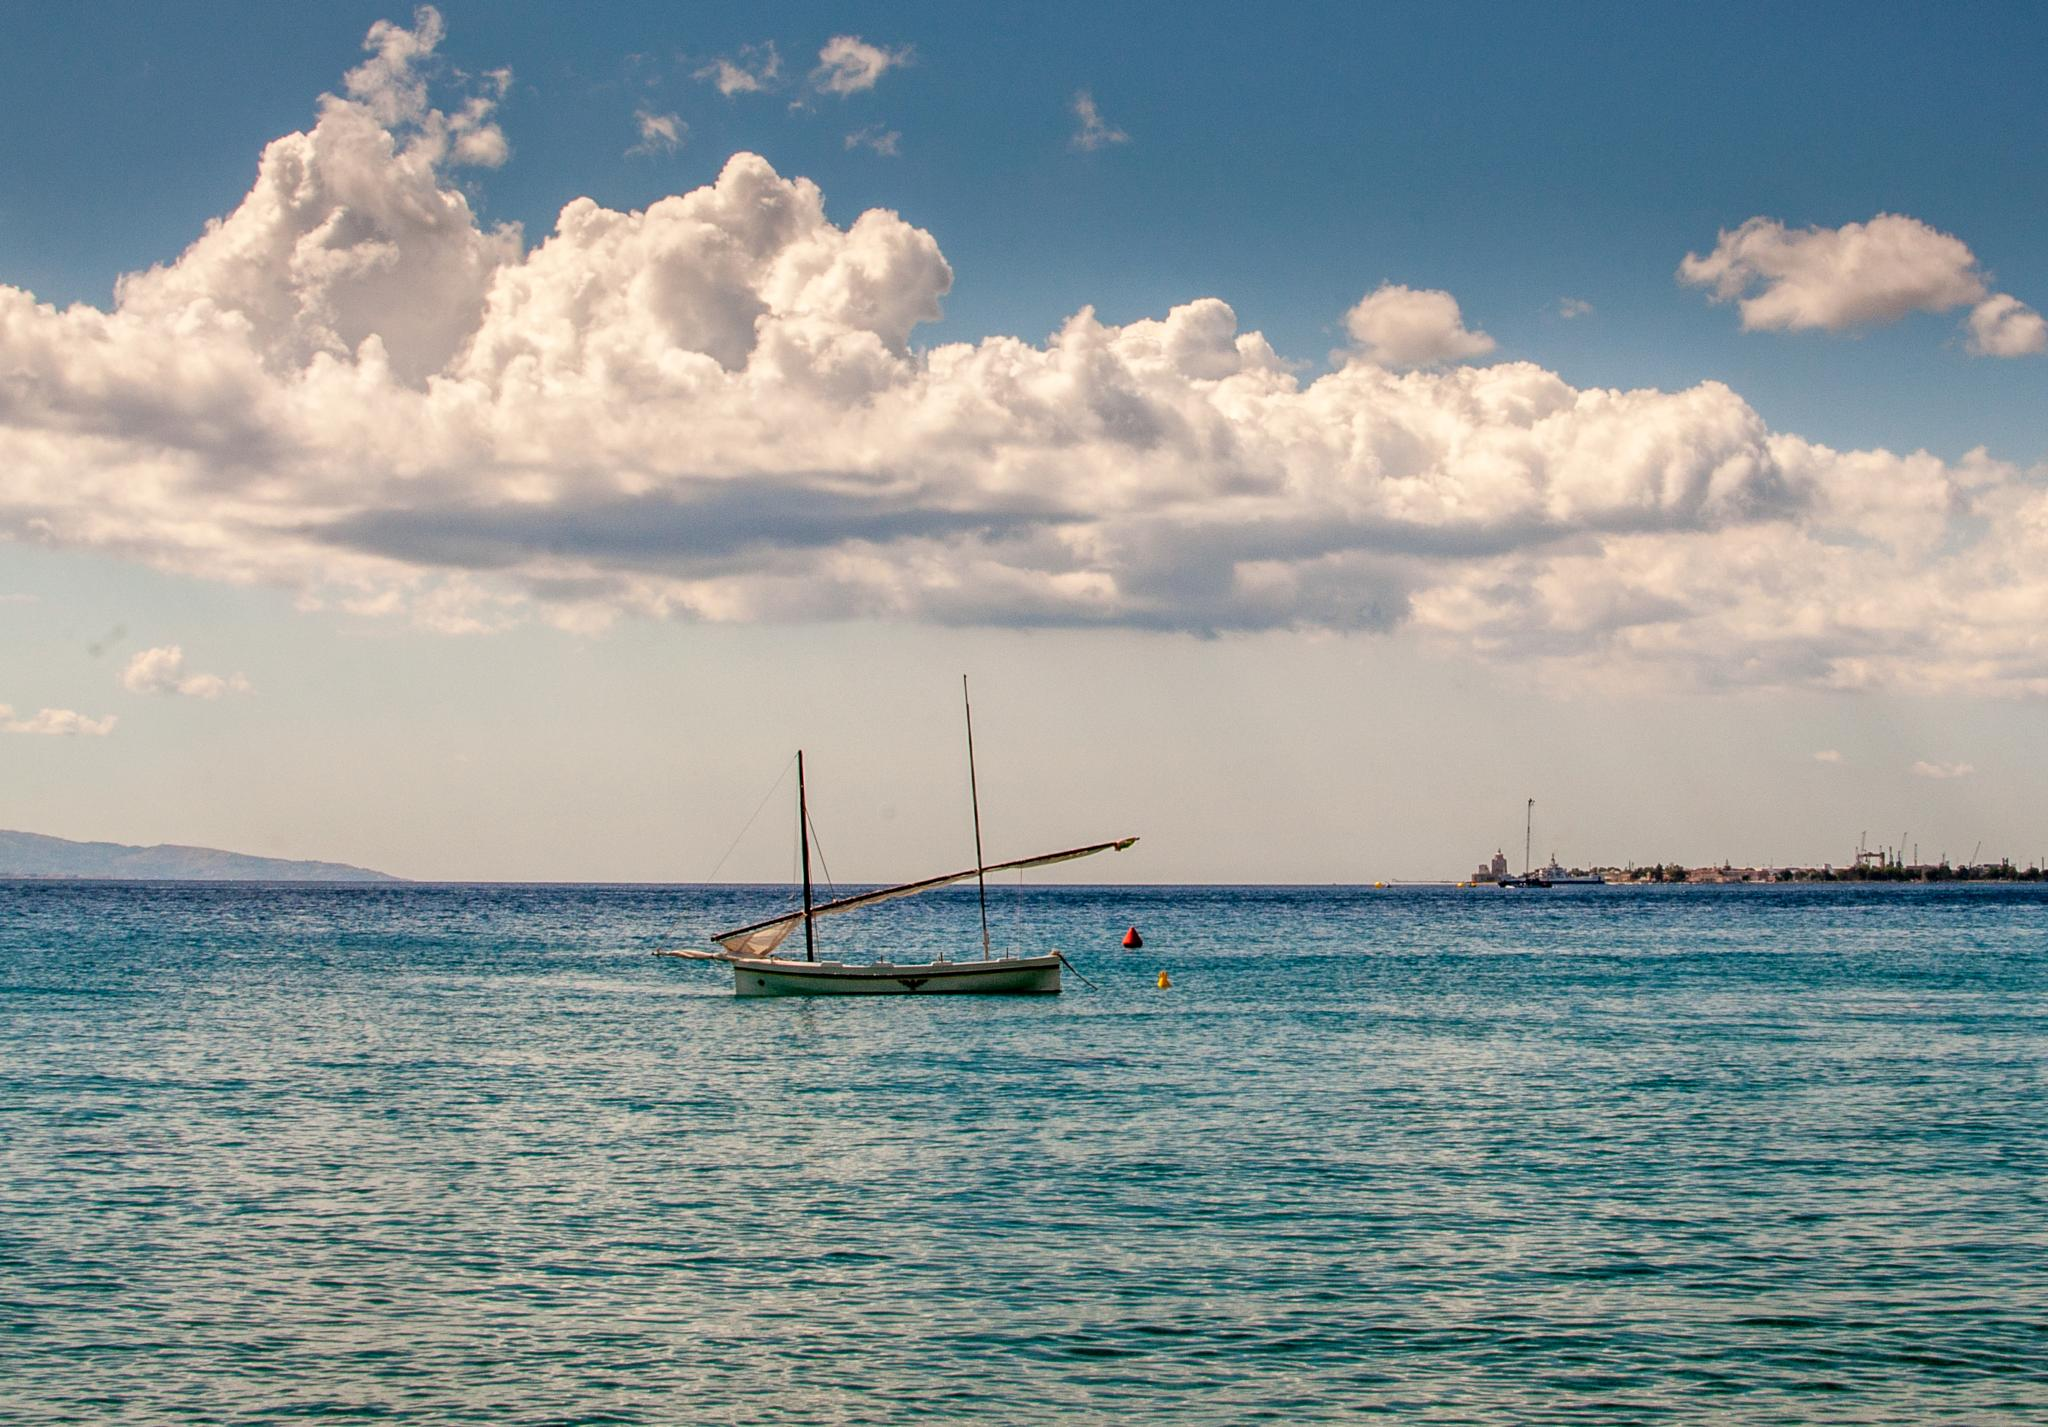 loney boat by maurizio.tuccio